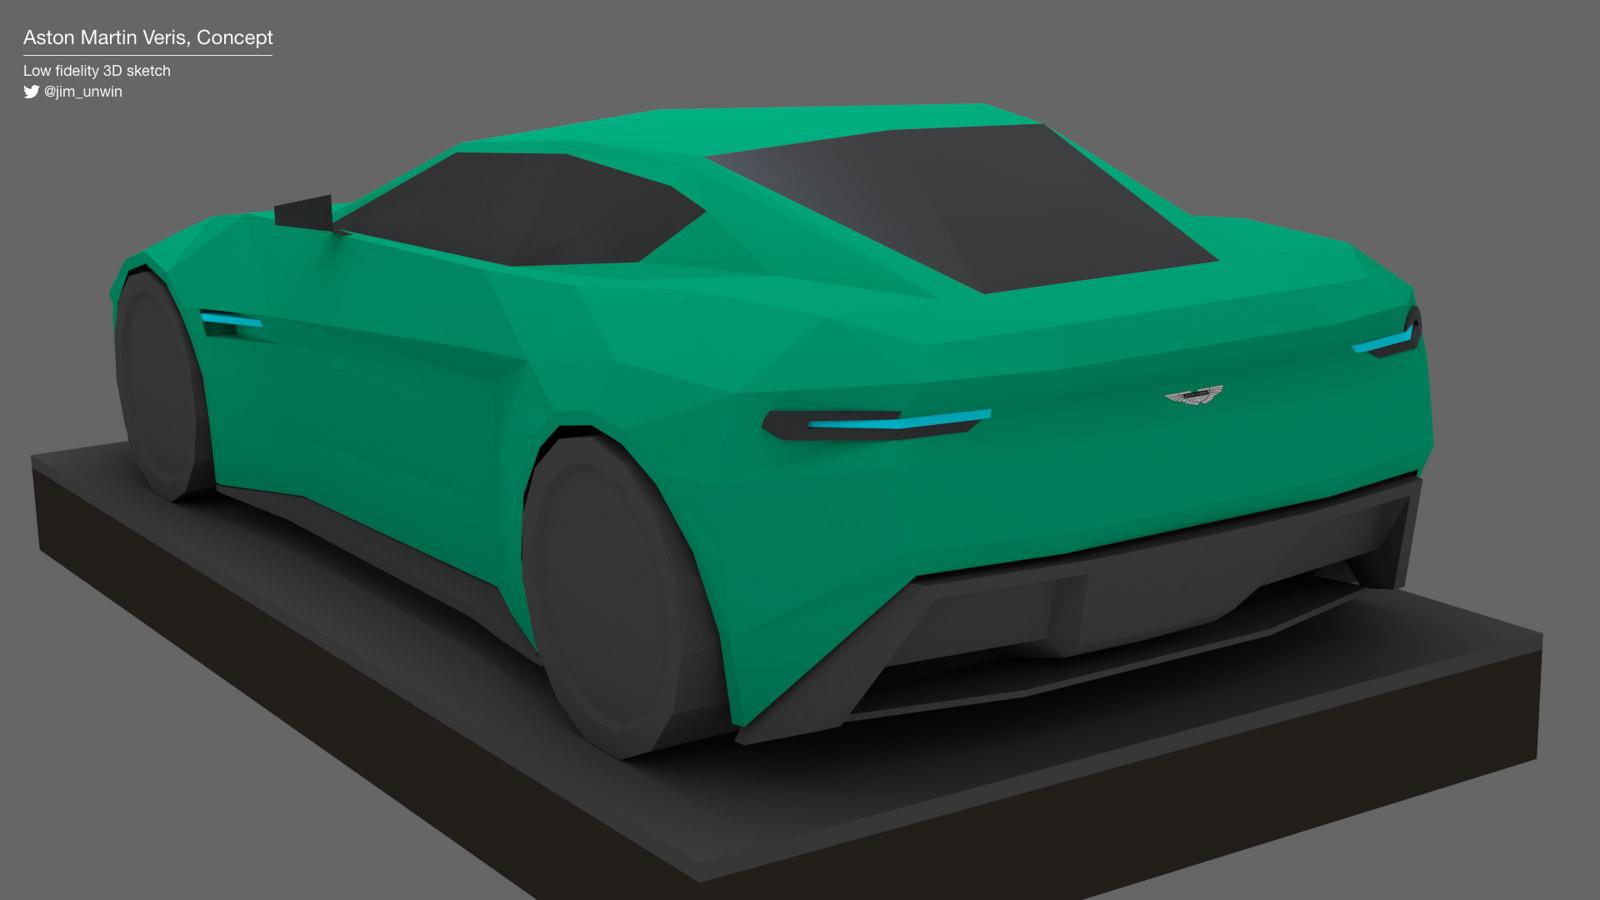 Aston Martin Veris Concept